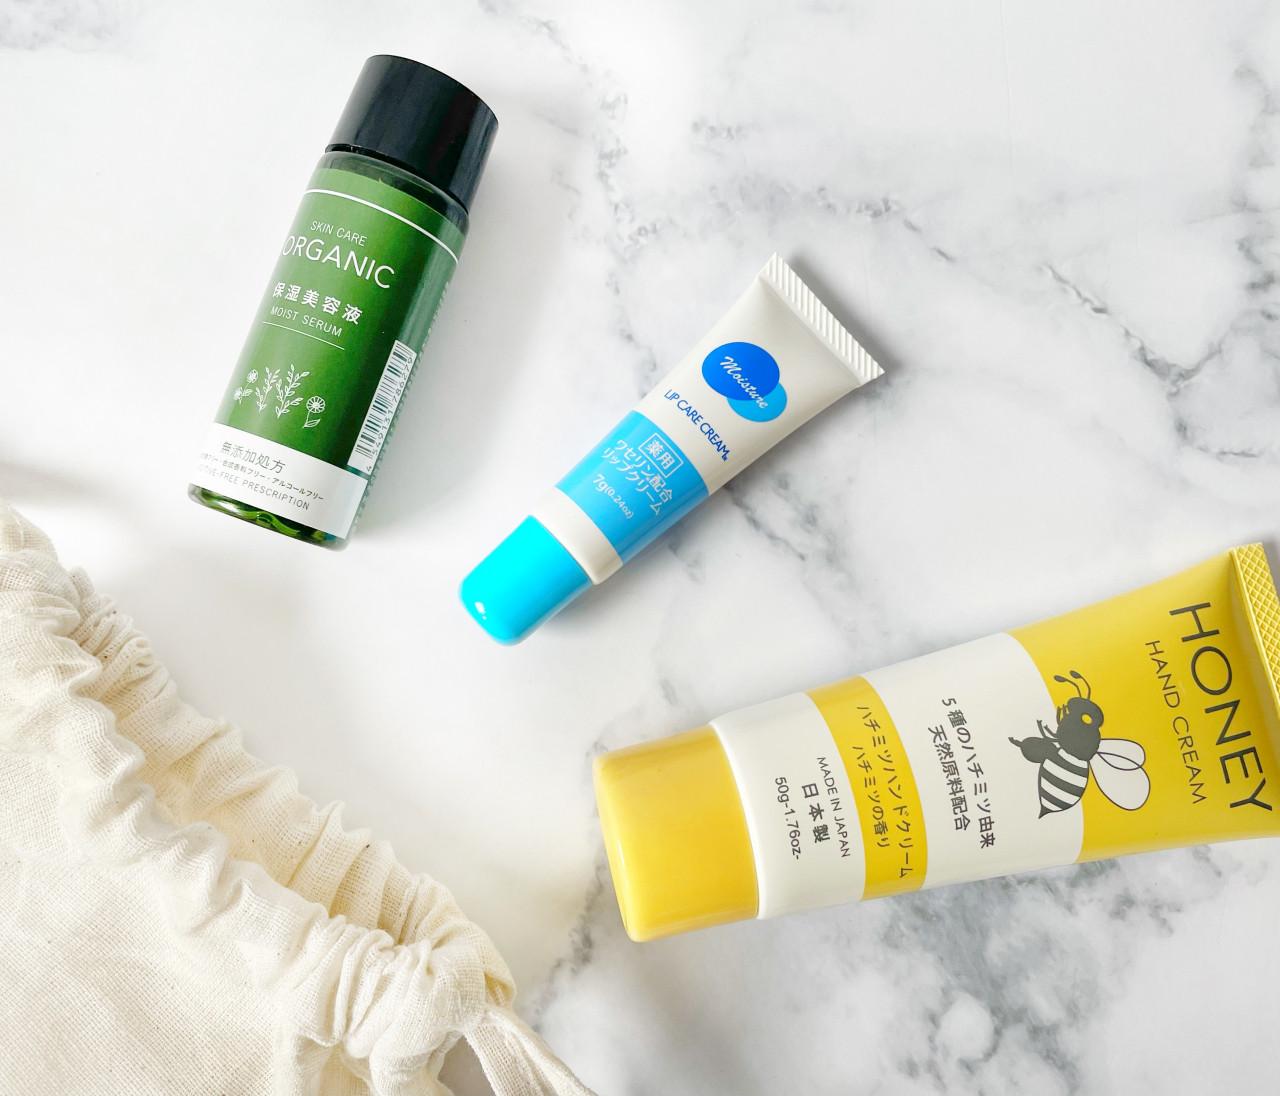 【ダイソー】マスク荒れやアルコールの乾燥対策におすすめの美容アイテム3選